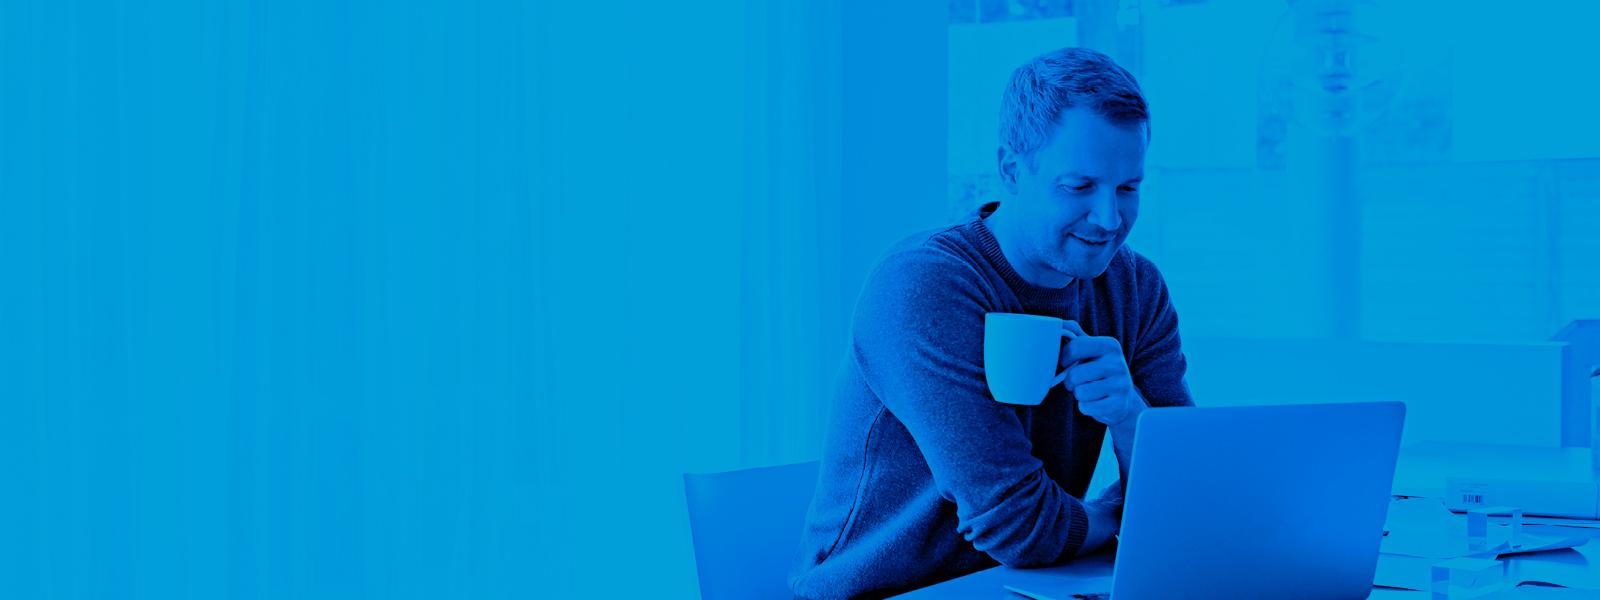 Imagen de un hombre tomando café mientras trabaja.